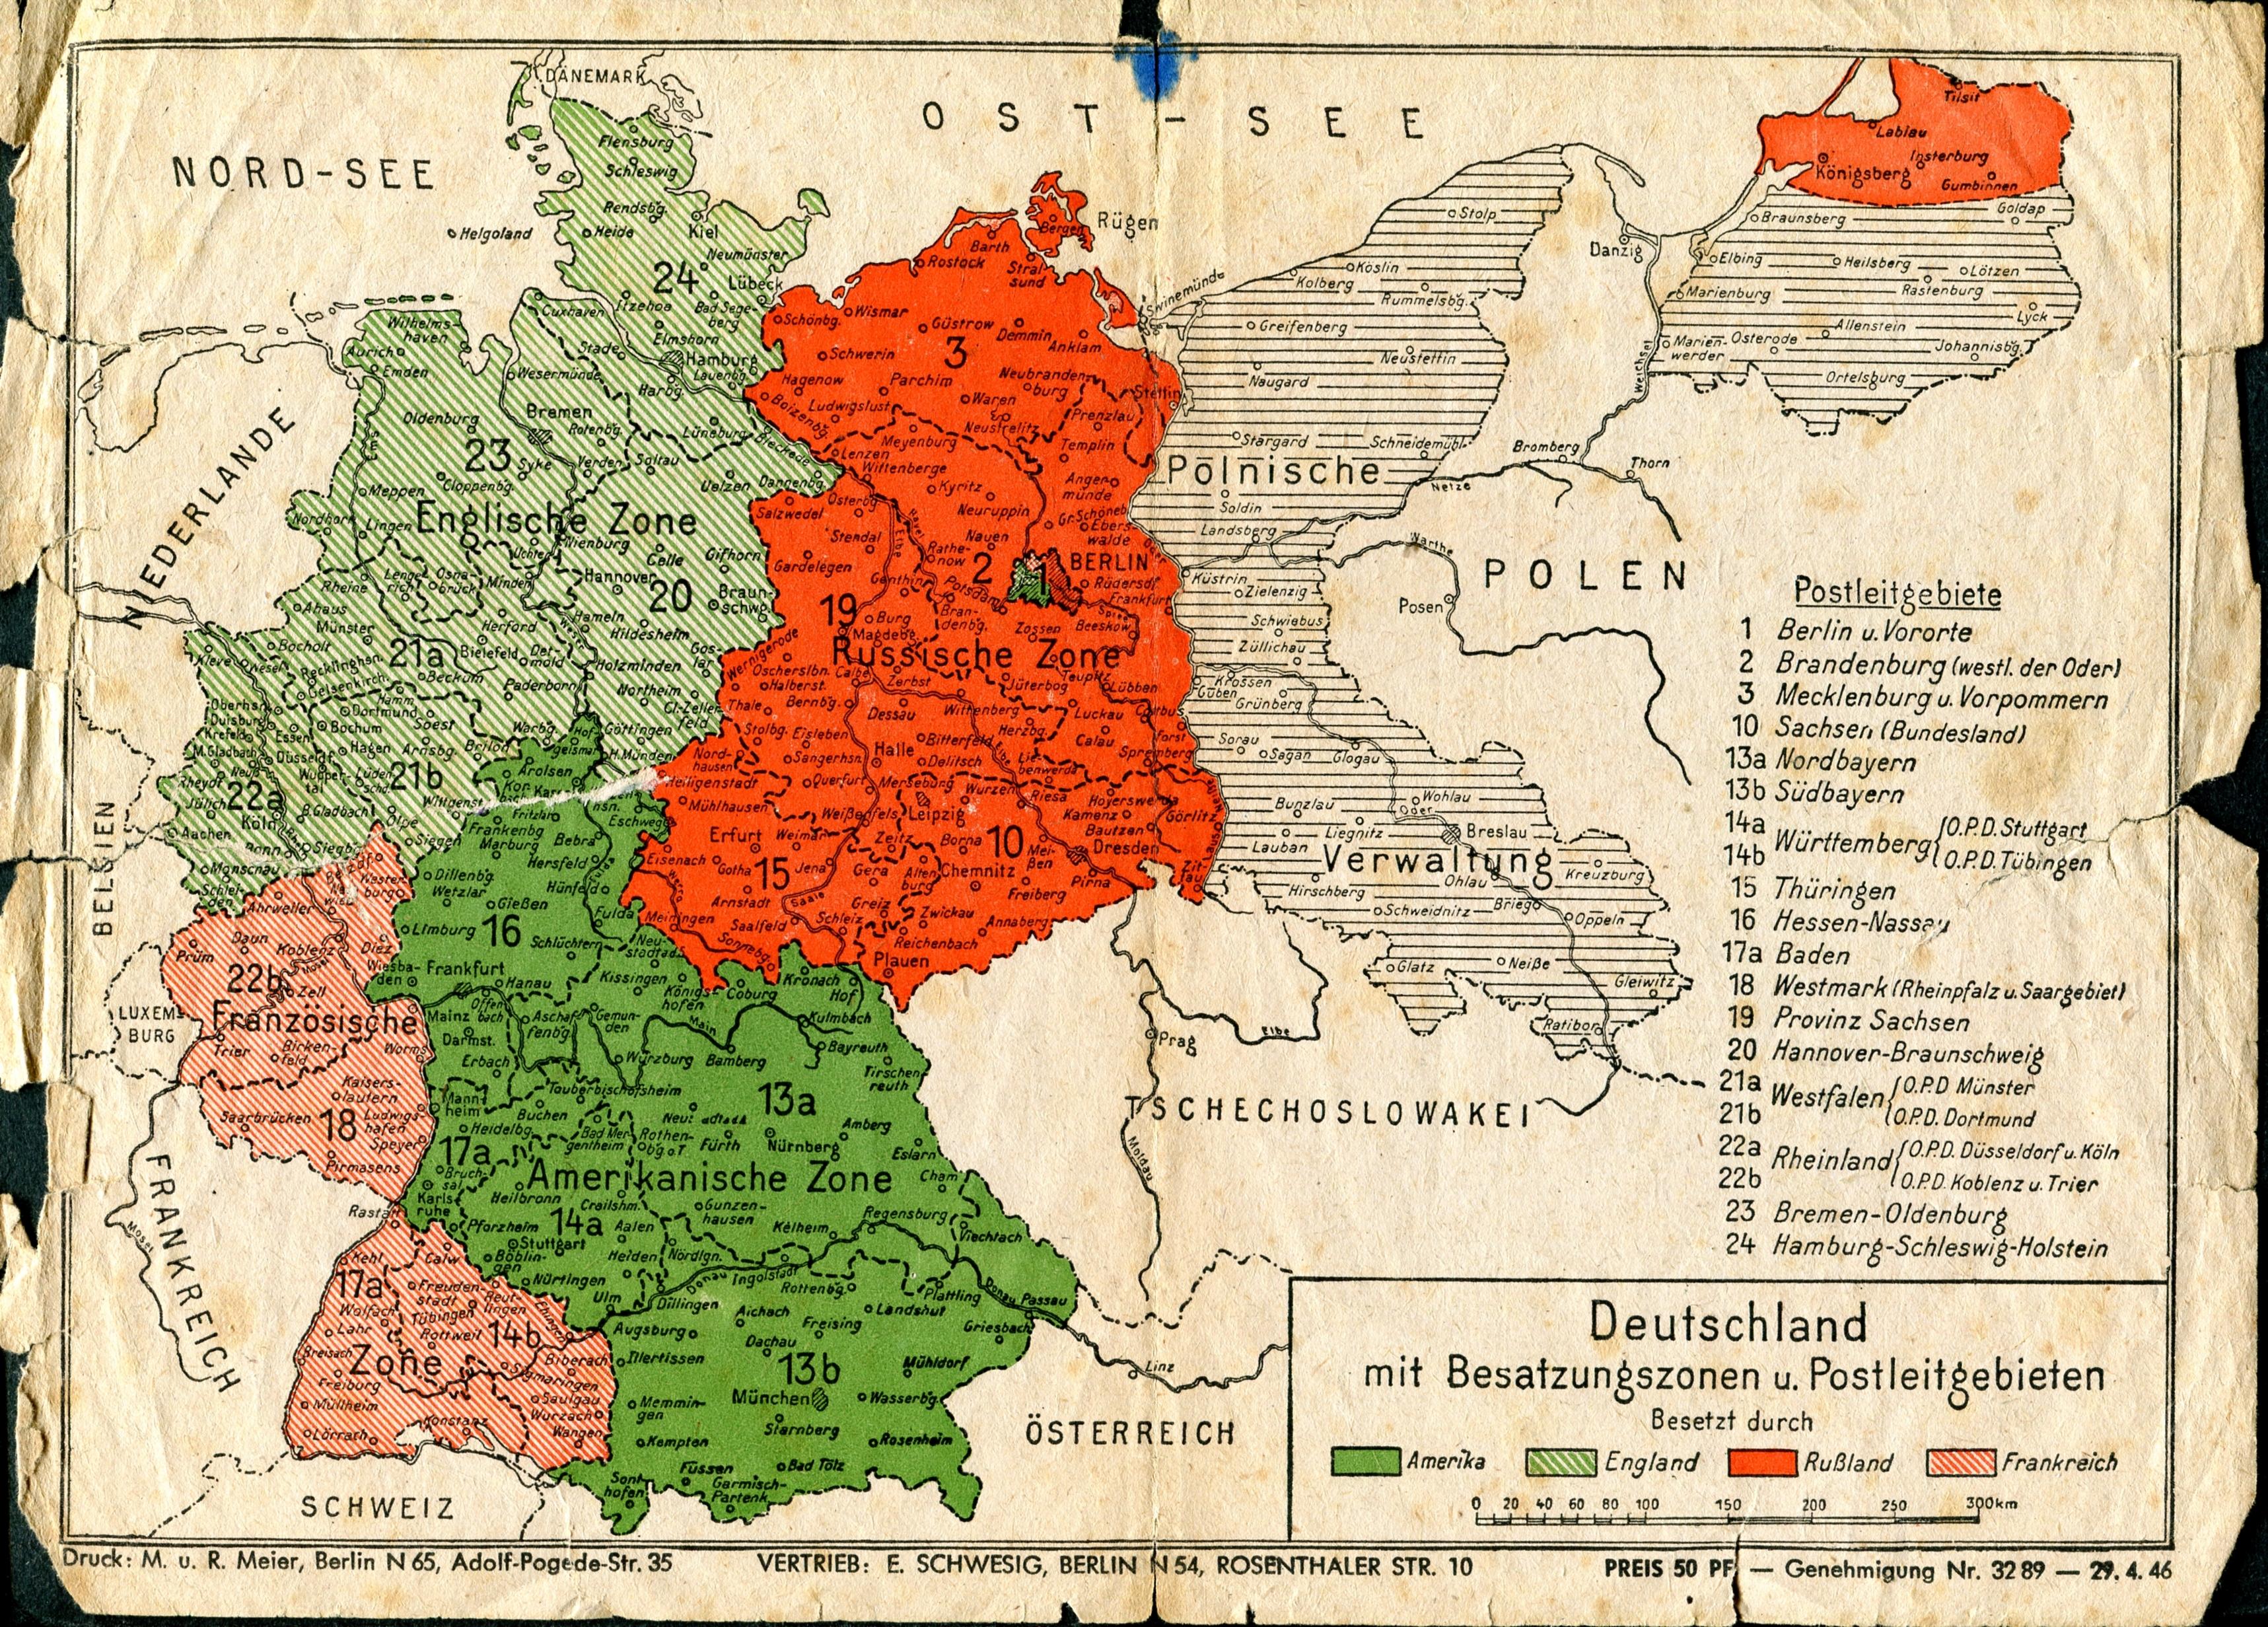 Pommern Karte Vor 1945.Zonengrenzen 1946